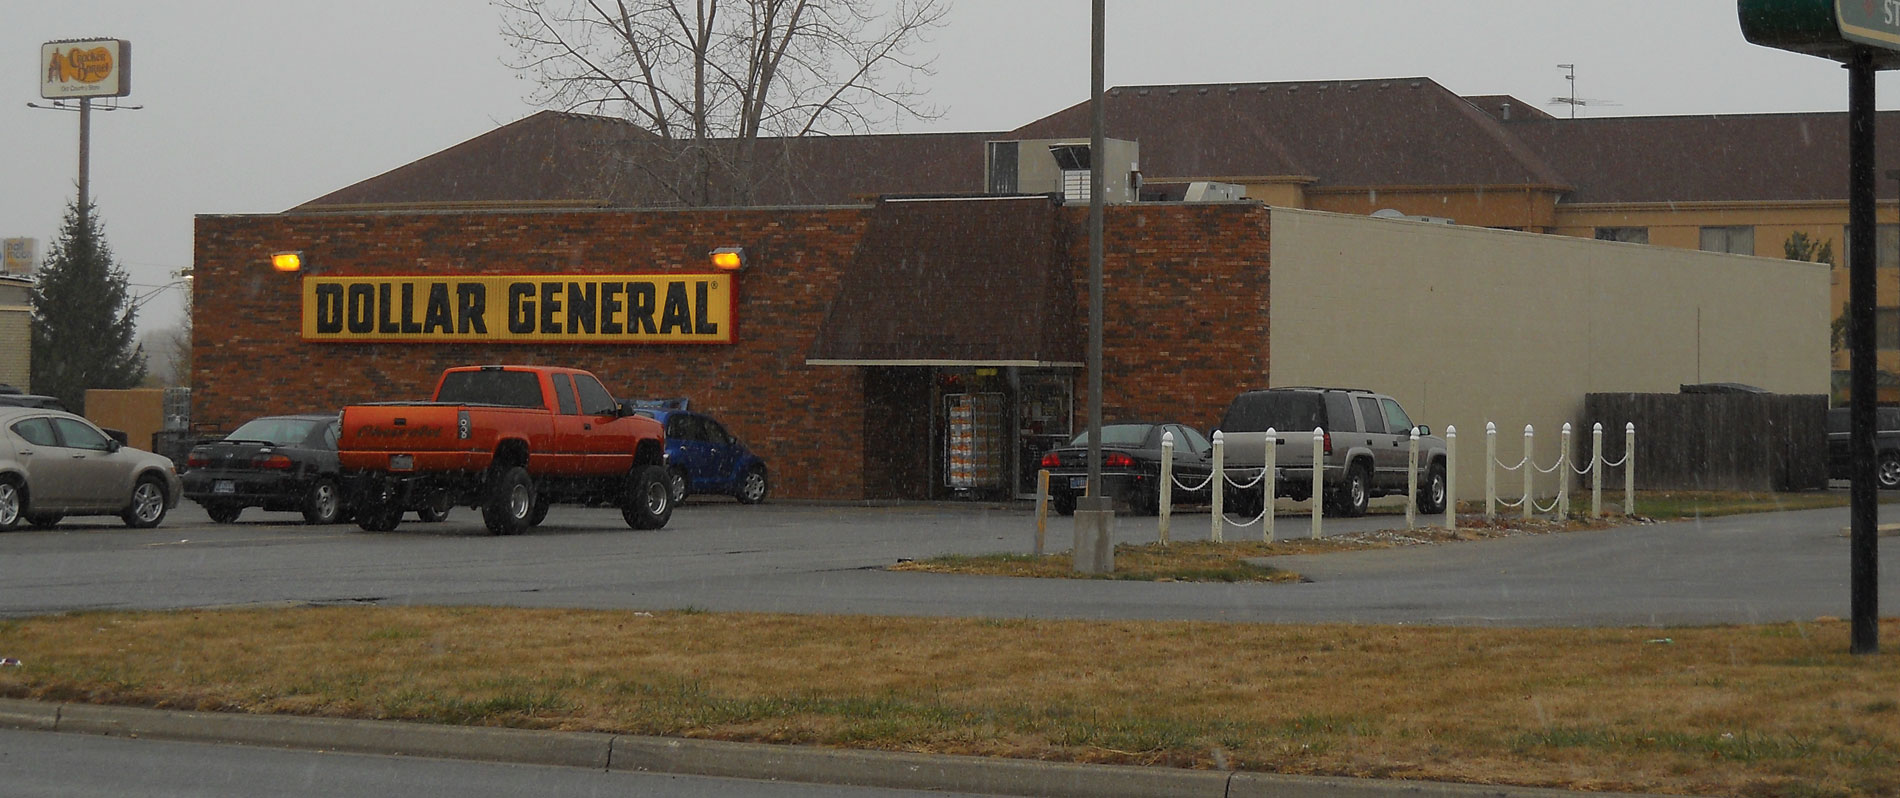 Dollar General of Kokomo on Center Rd